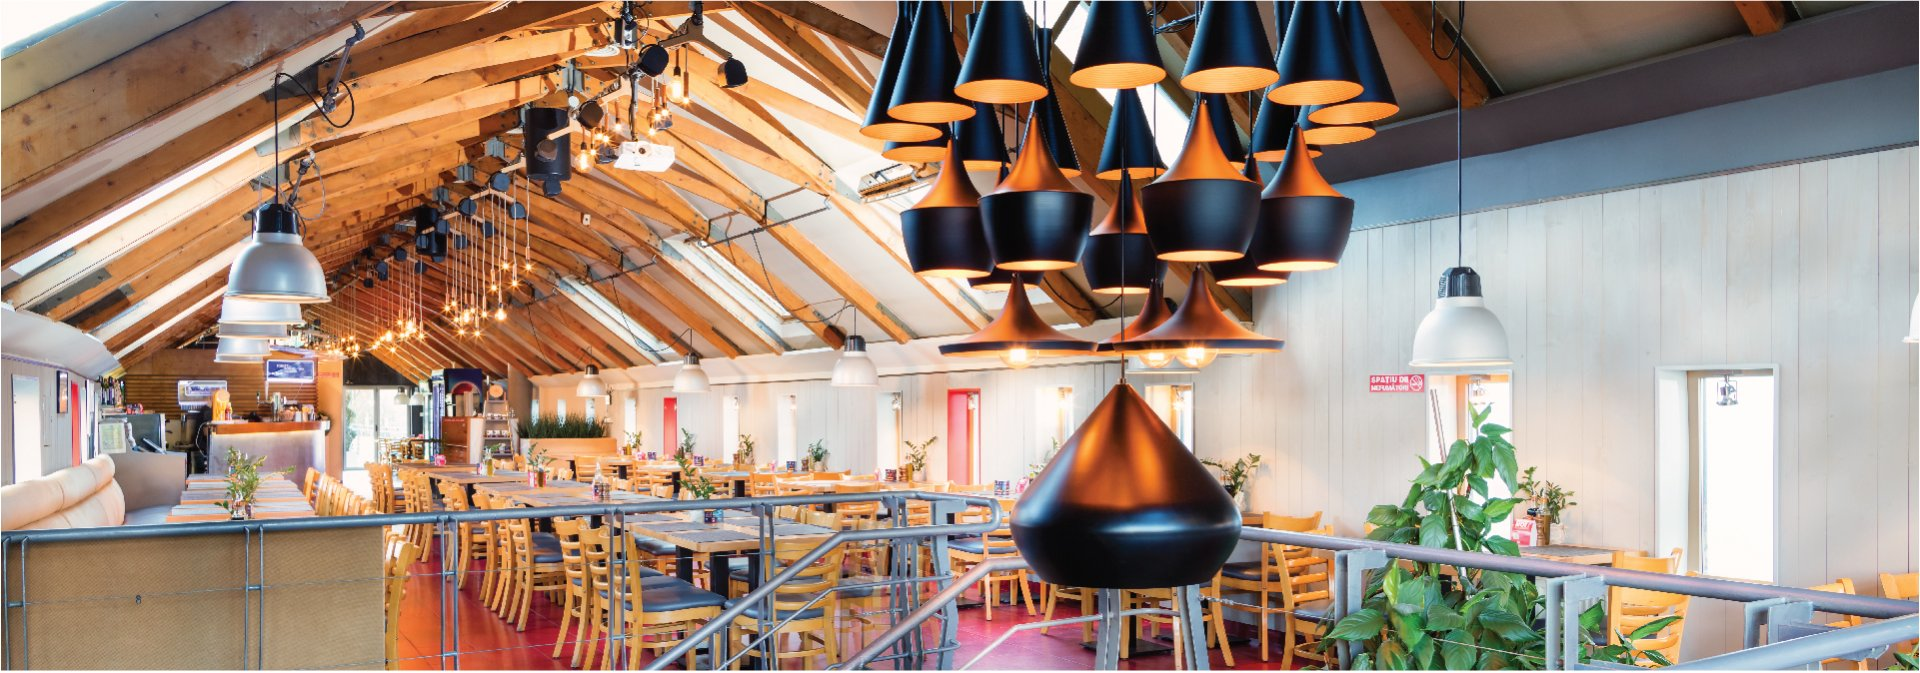 Marty Restaurants, Cluj-Napoca, Cluj